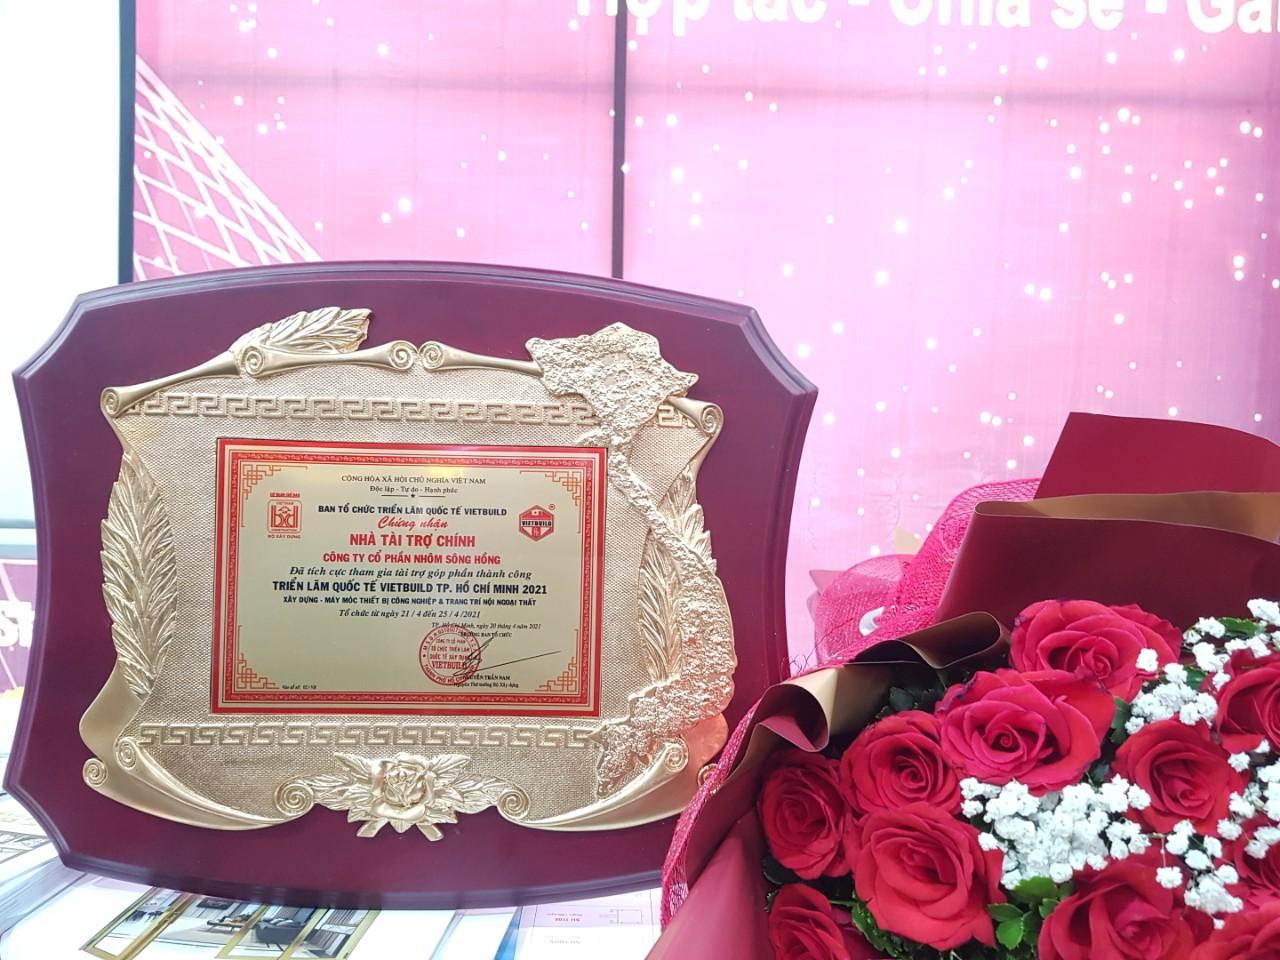 Sông Hồng Group nhận kỷ niệm chương chứng nhận nhà tài trợ chính triển lãm Quốc tế Vietbuild Hồ Chí Minh năm 2021